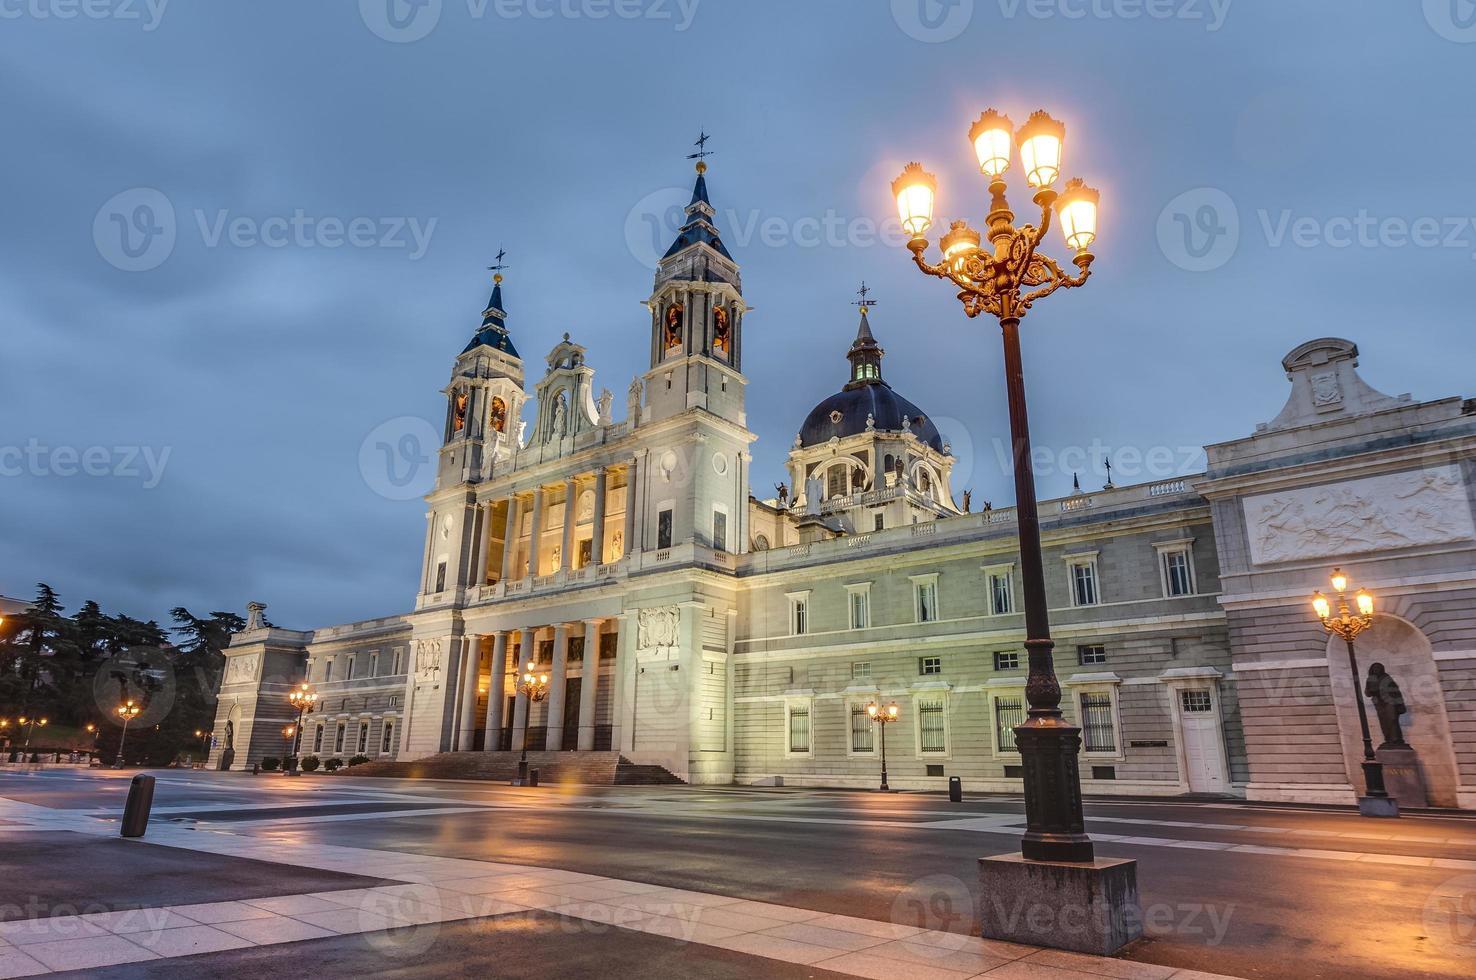 Cattedrale di Almudena a Madrid, Spagna. foto